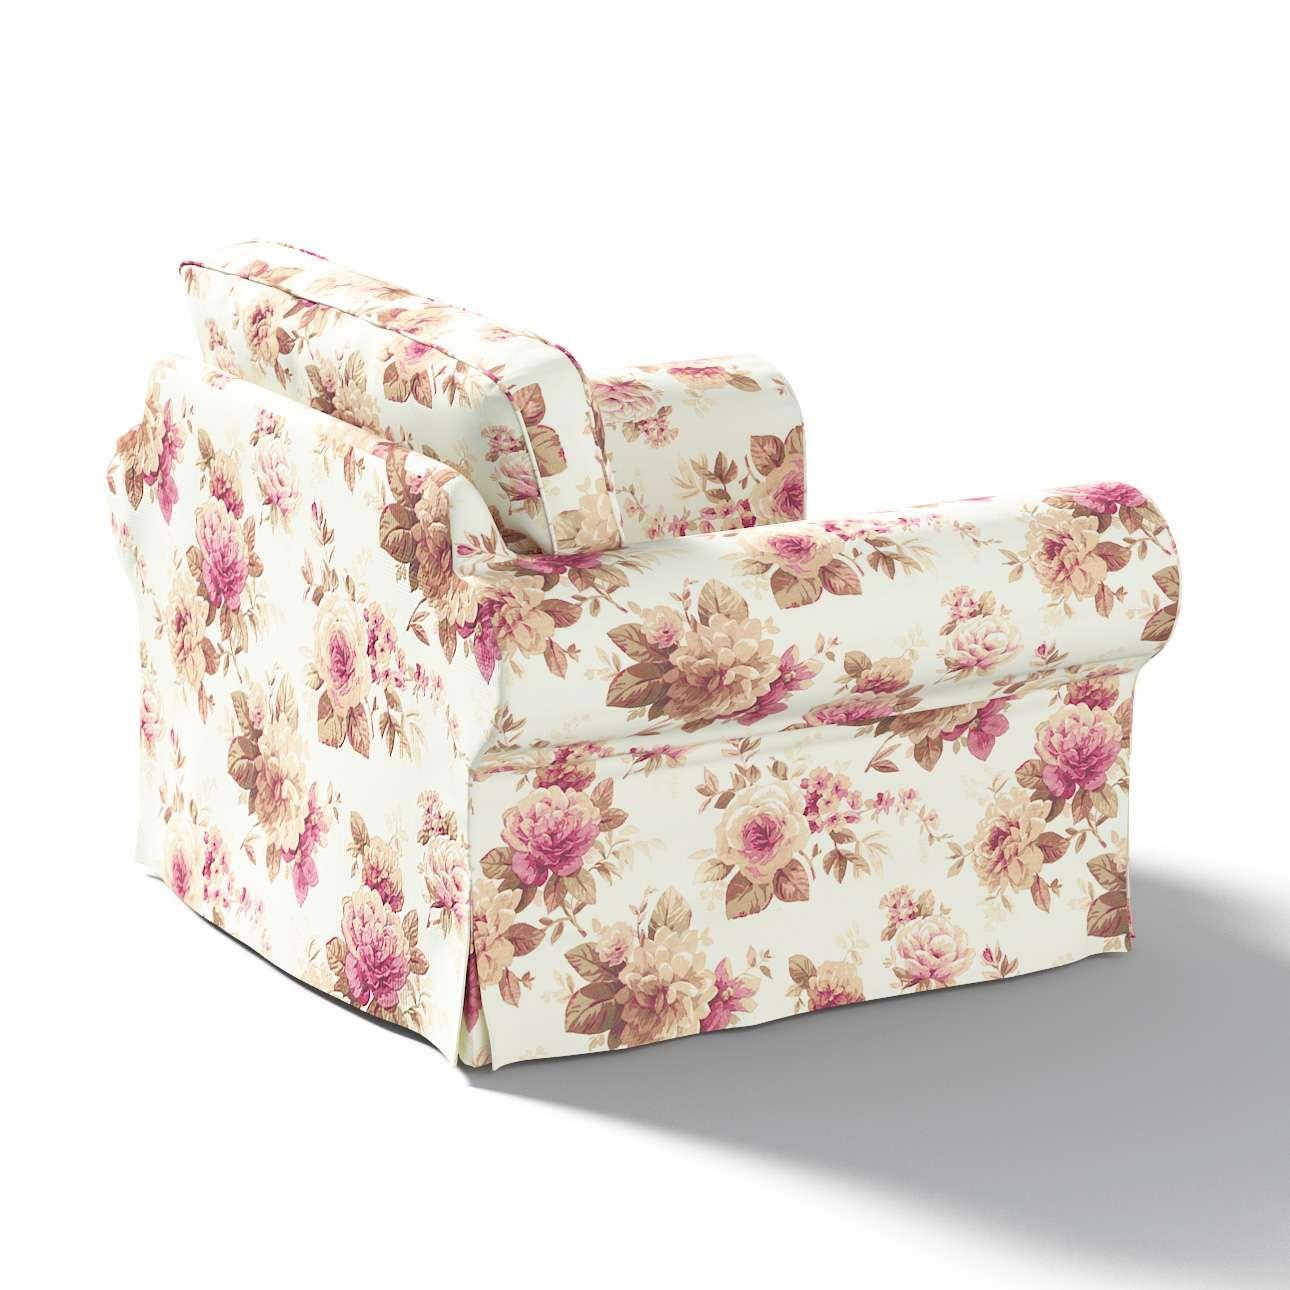 Pokrowiec na fotel Ektorp w kolekcji Mirella, tkanina: 141-06